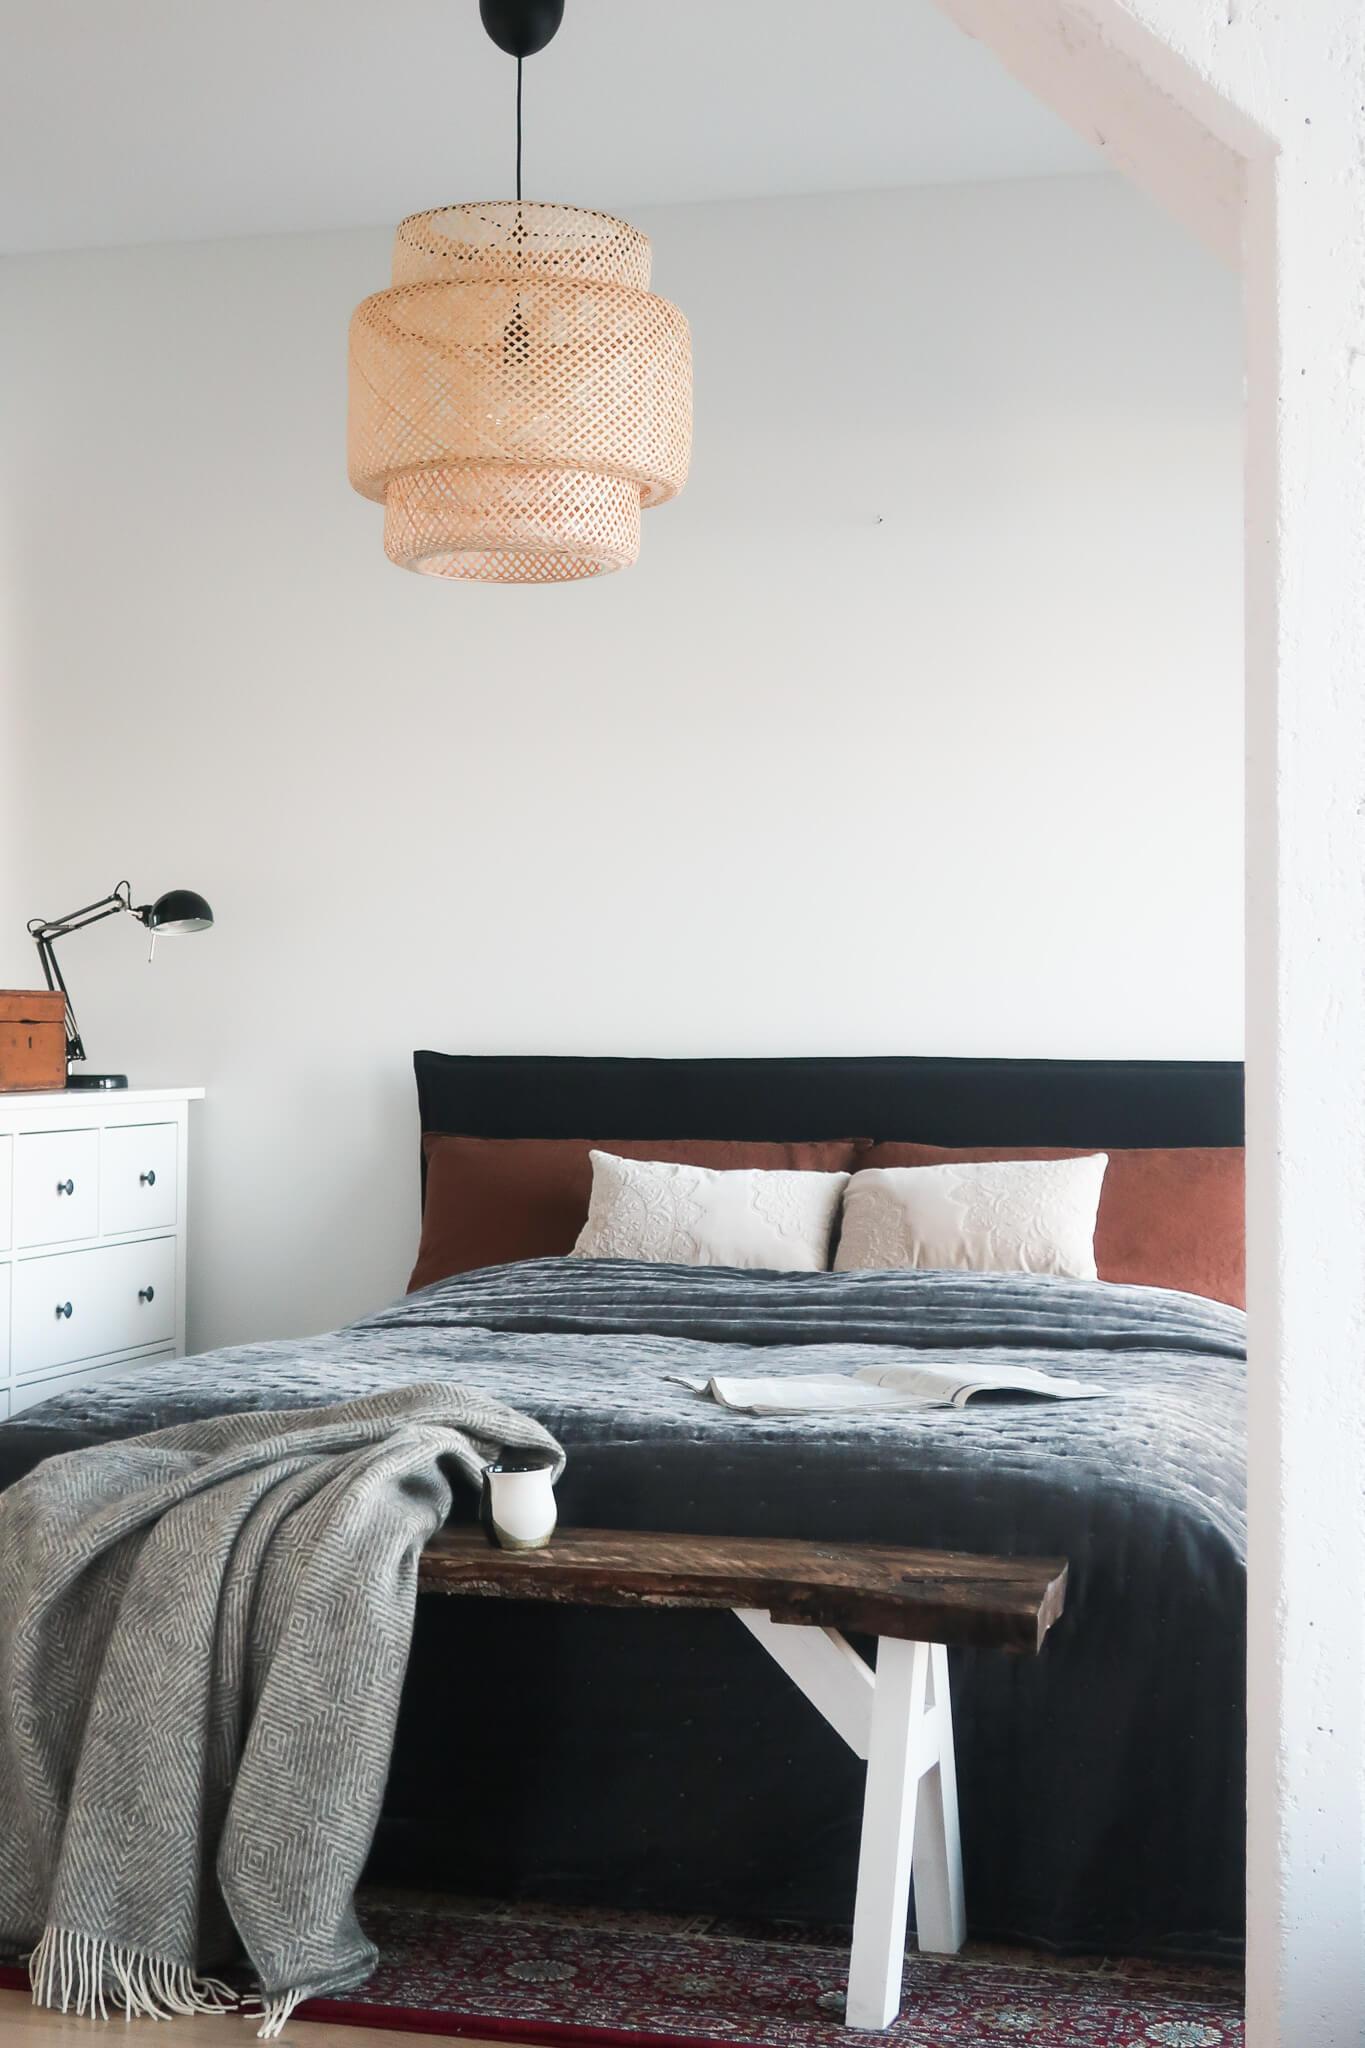 Makuuhuone sisustussuunnittelu, makuuhuoneen muutos, sisustustekstiilit, sängynpääty, pellavahuppu